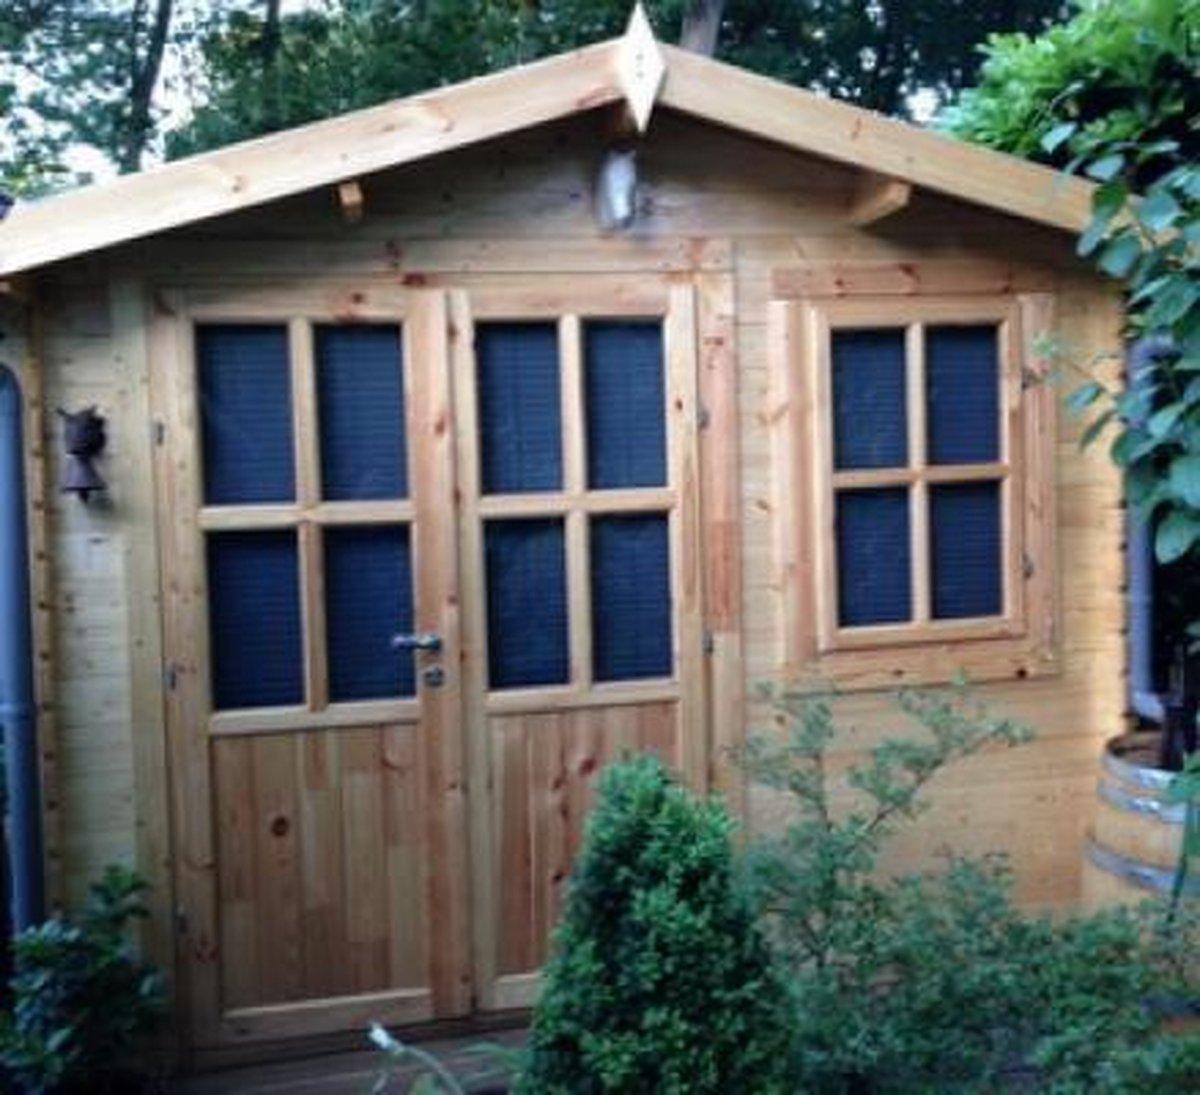 Intergard Houten tuinhuis blokhut Suffolk 300x200cm